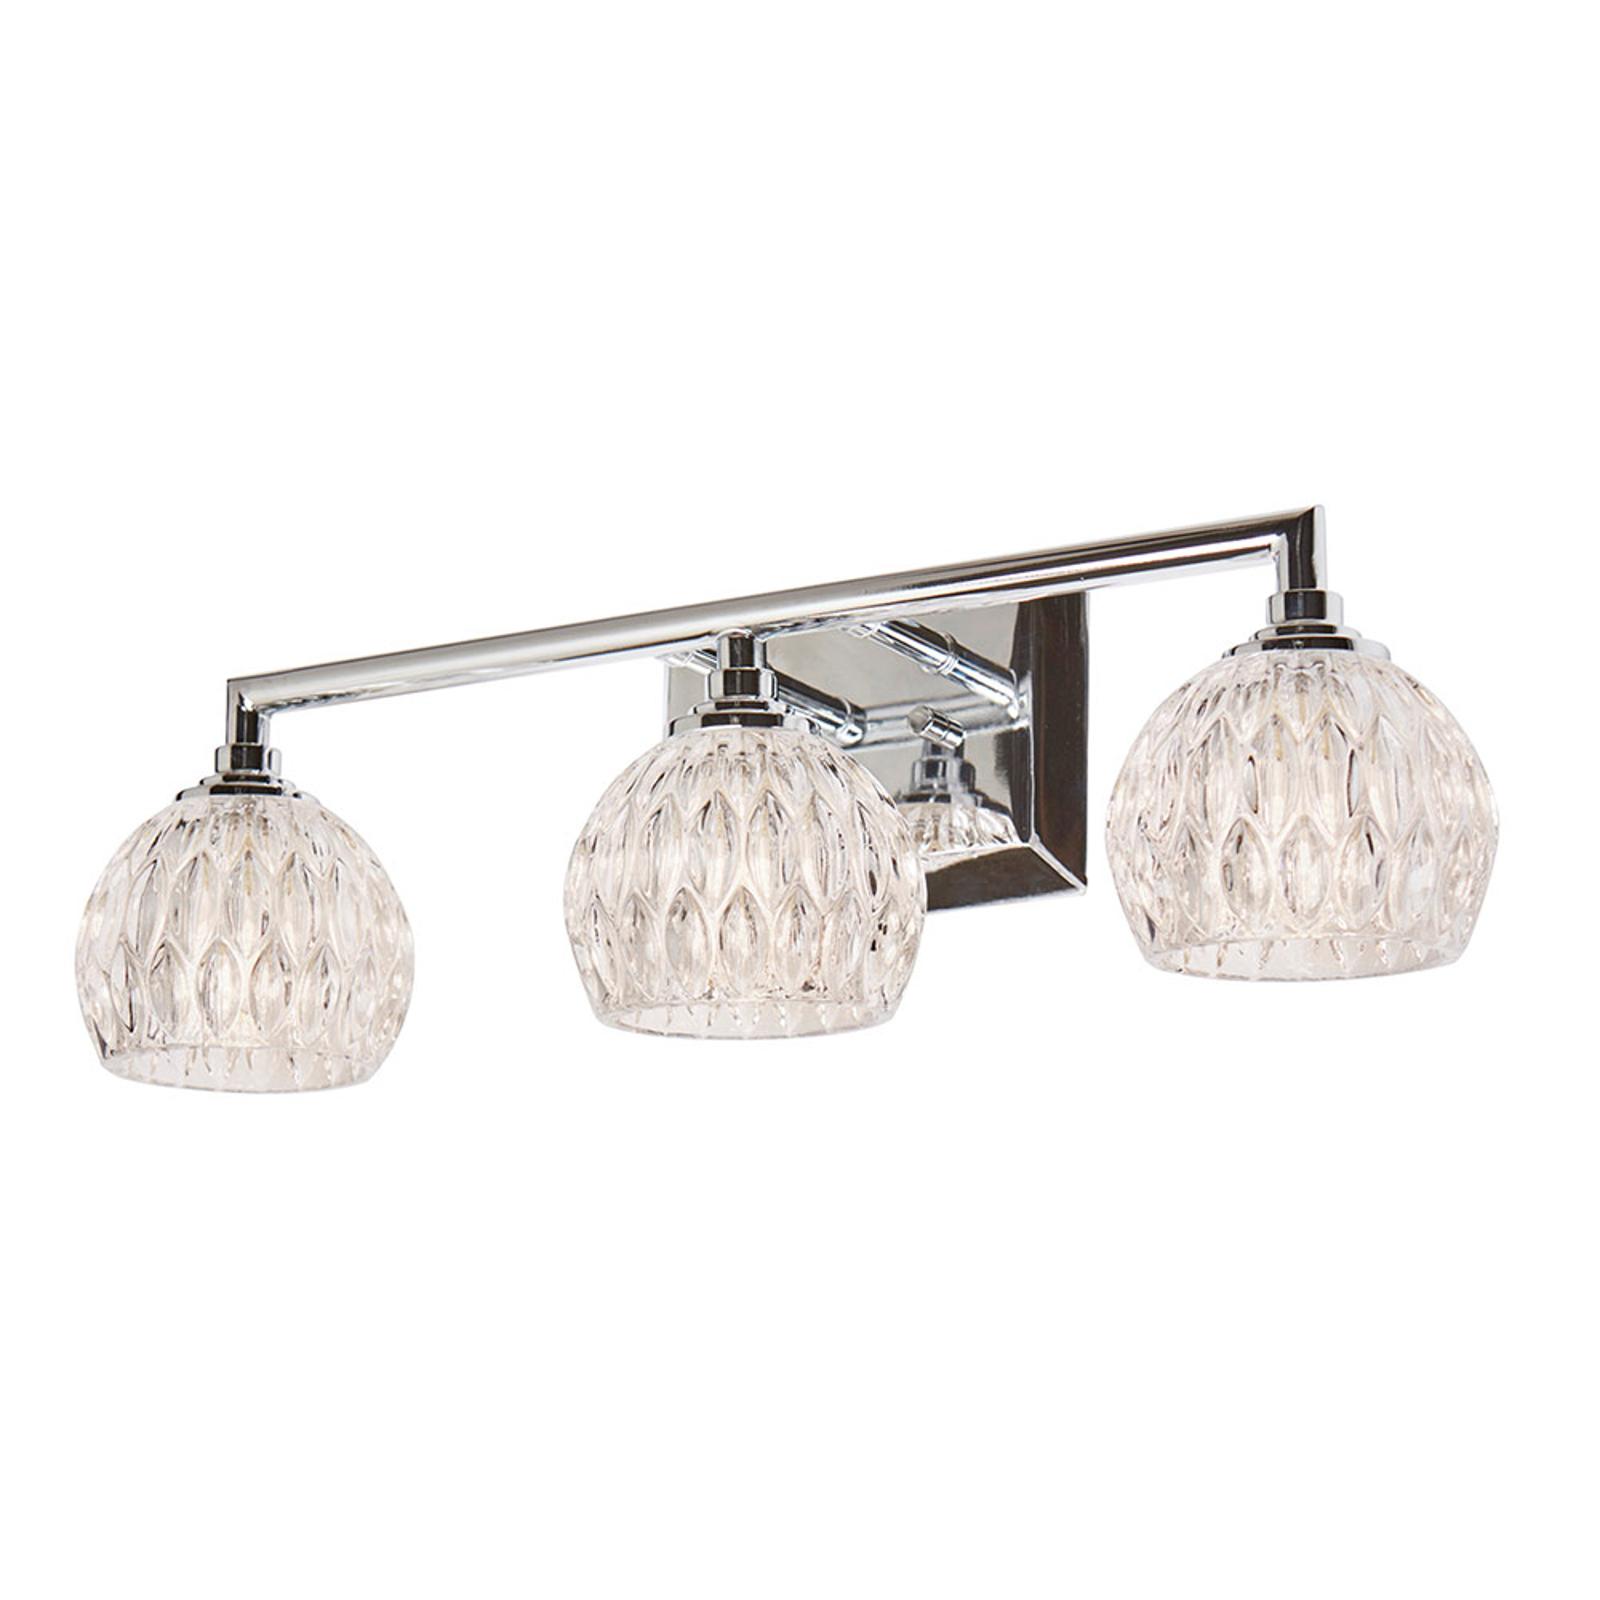 Serena væglampe til badeværelset, 3 lyskilder